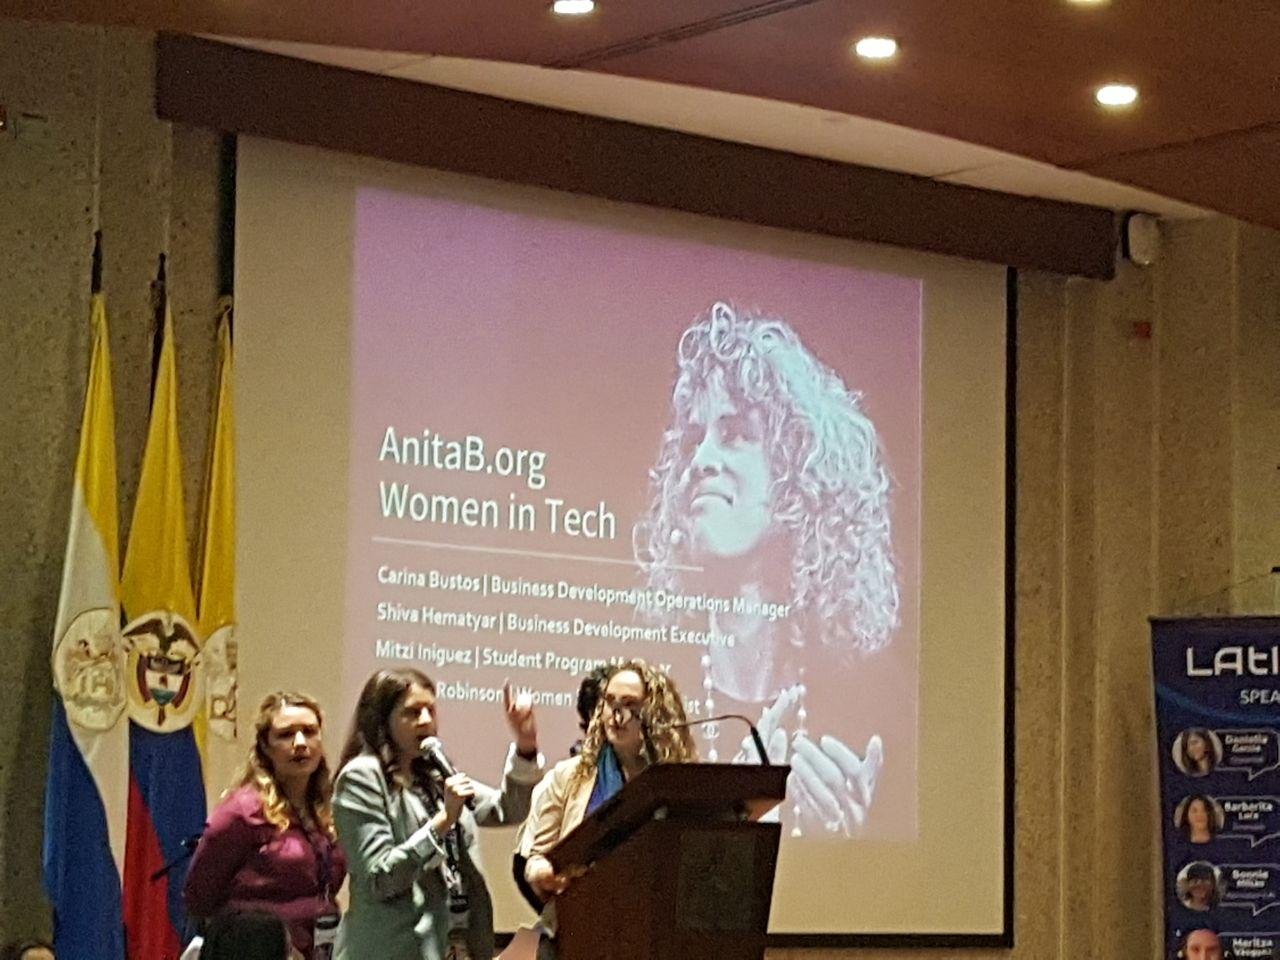 Representantes da Anita.borg contando um pouco sobre a Grace Hopper Celebration no LATINITY 2018